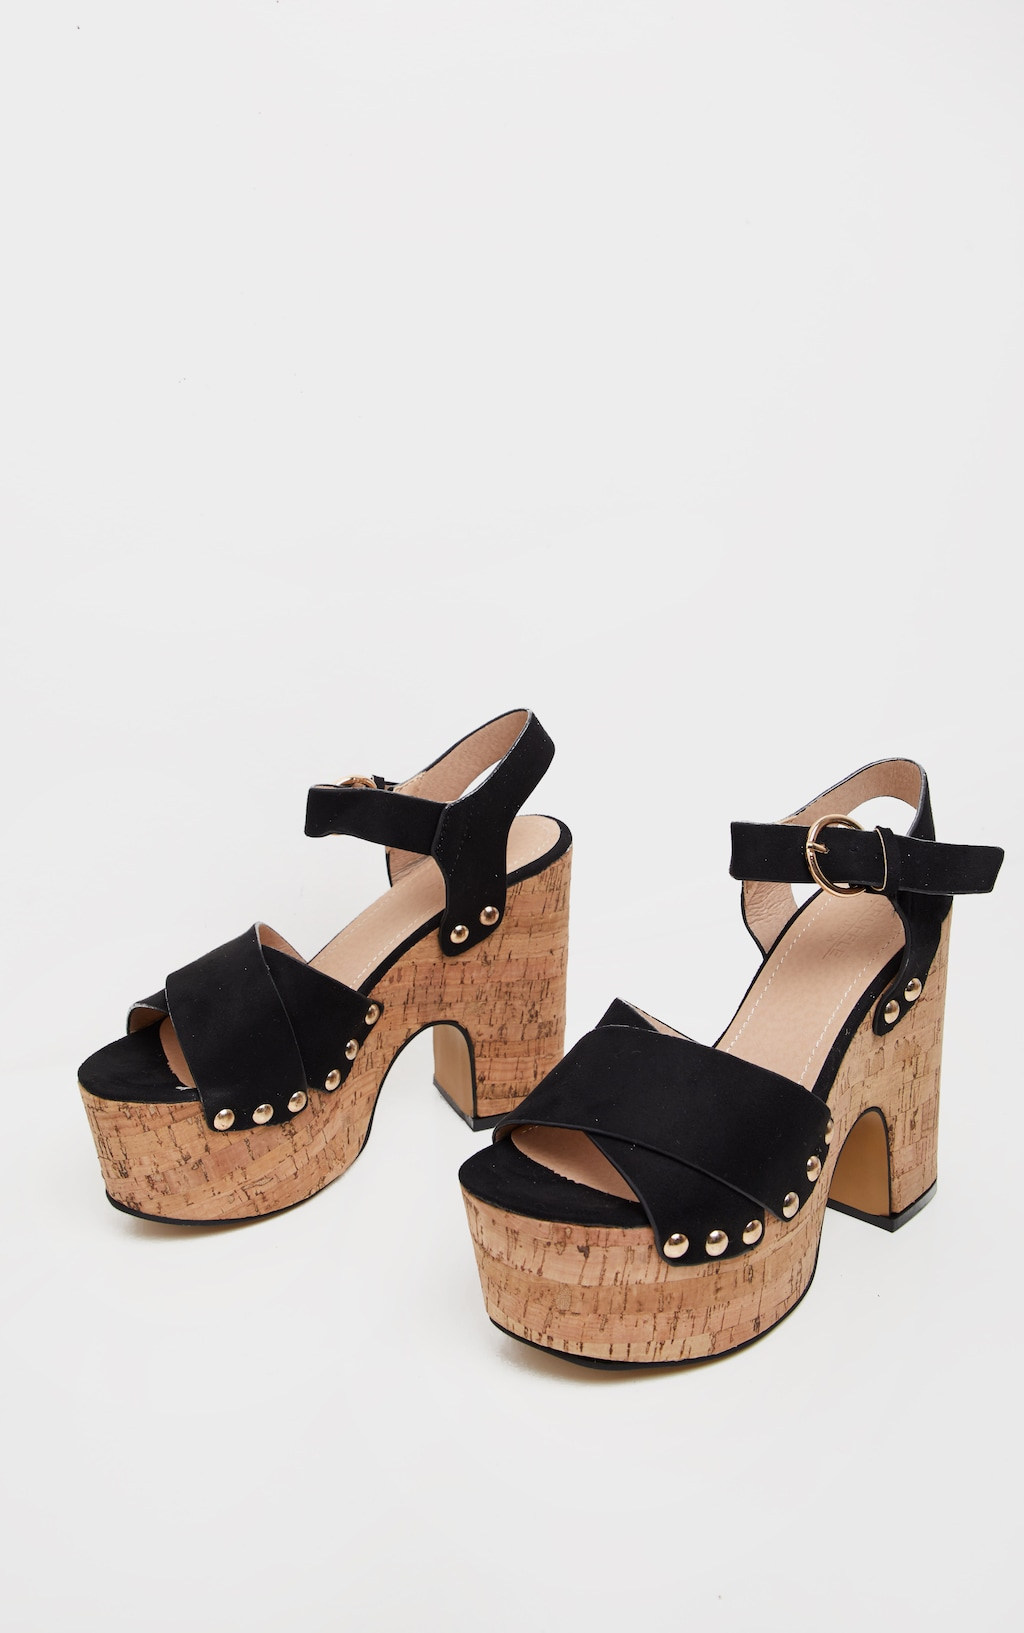 d5ded6f0a6 Black Cork Studded Platform Sandal | Shoes | PrettyLittleThing USA